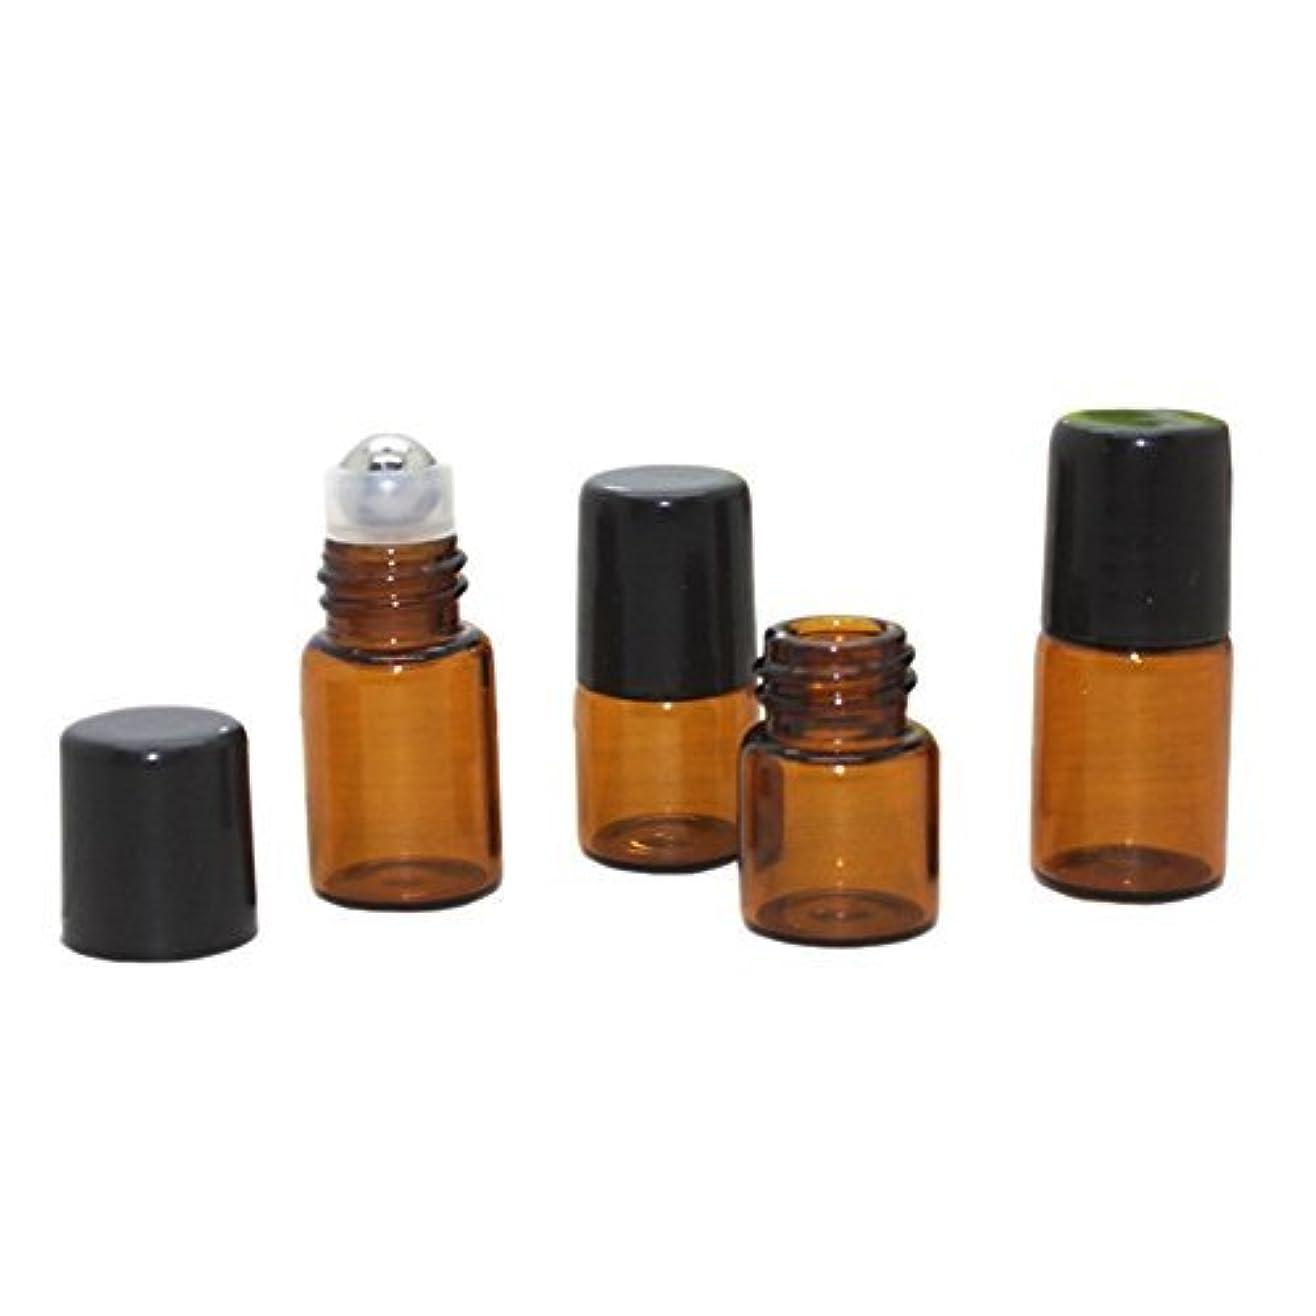 既婚冊子思慮のないHugeStore 25 Pcs Mini Tiny Refillable Empty Essential Oil Glass Roller Bottles Aromatherapy Liquid Amber Glass Rollerball Bottles 2ml [並行輸入品]